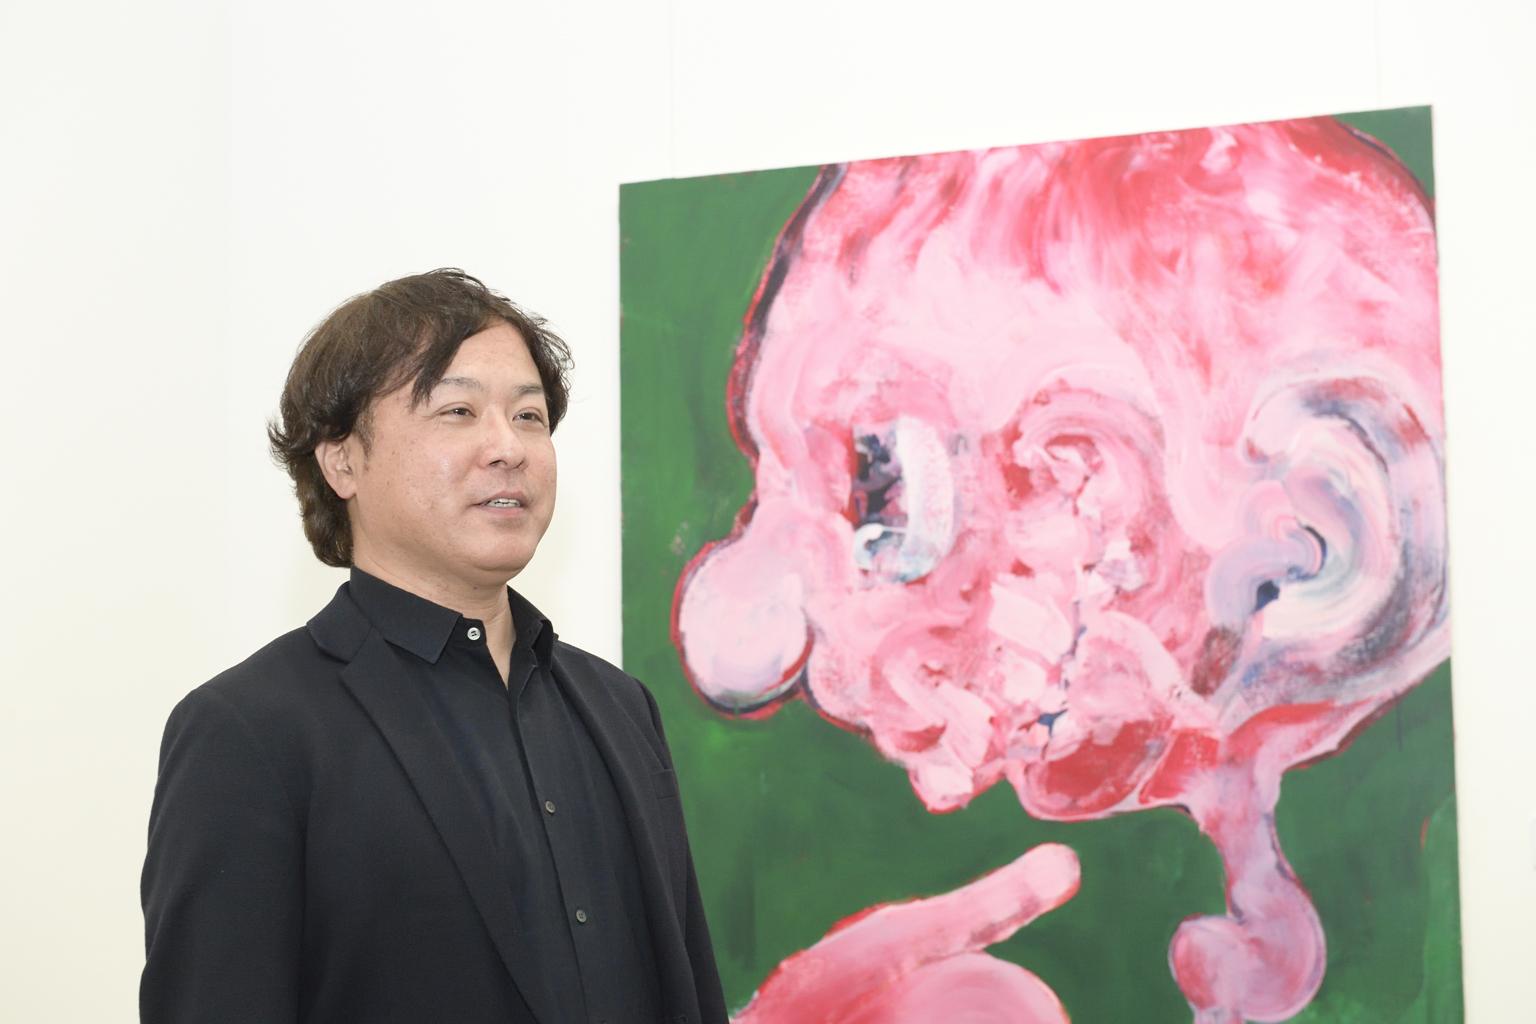 松浦清晴さん(FACE2020優秀賞)